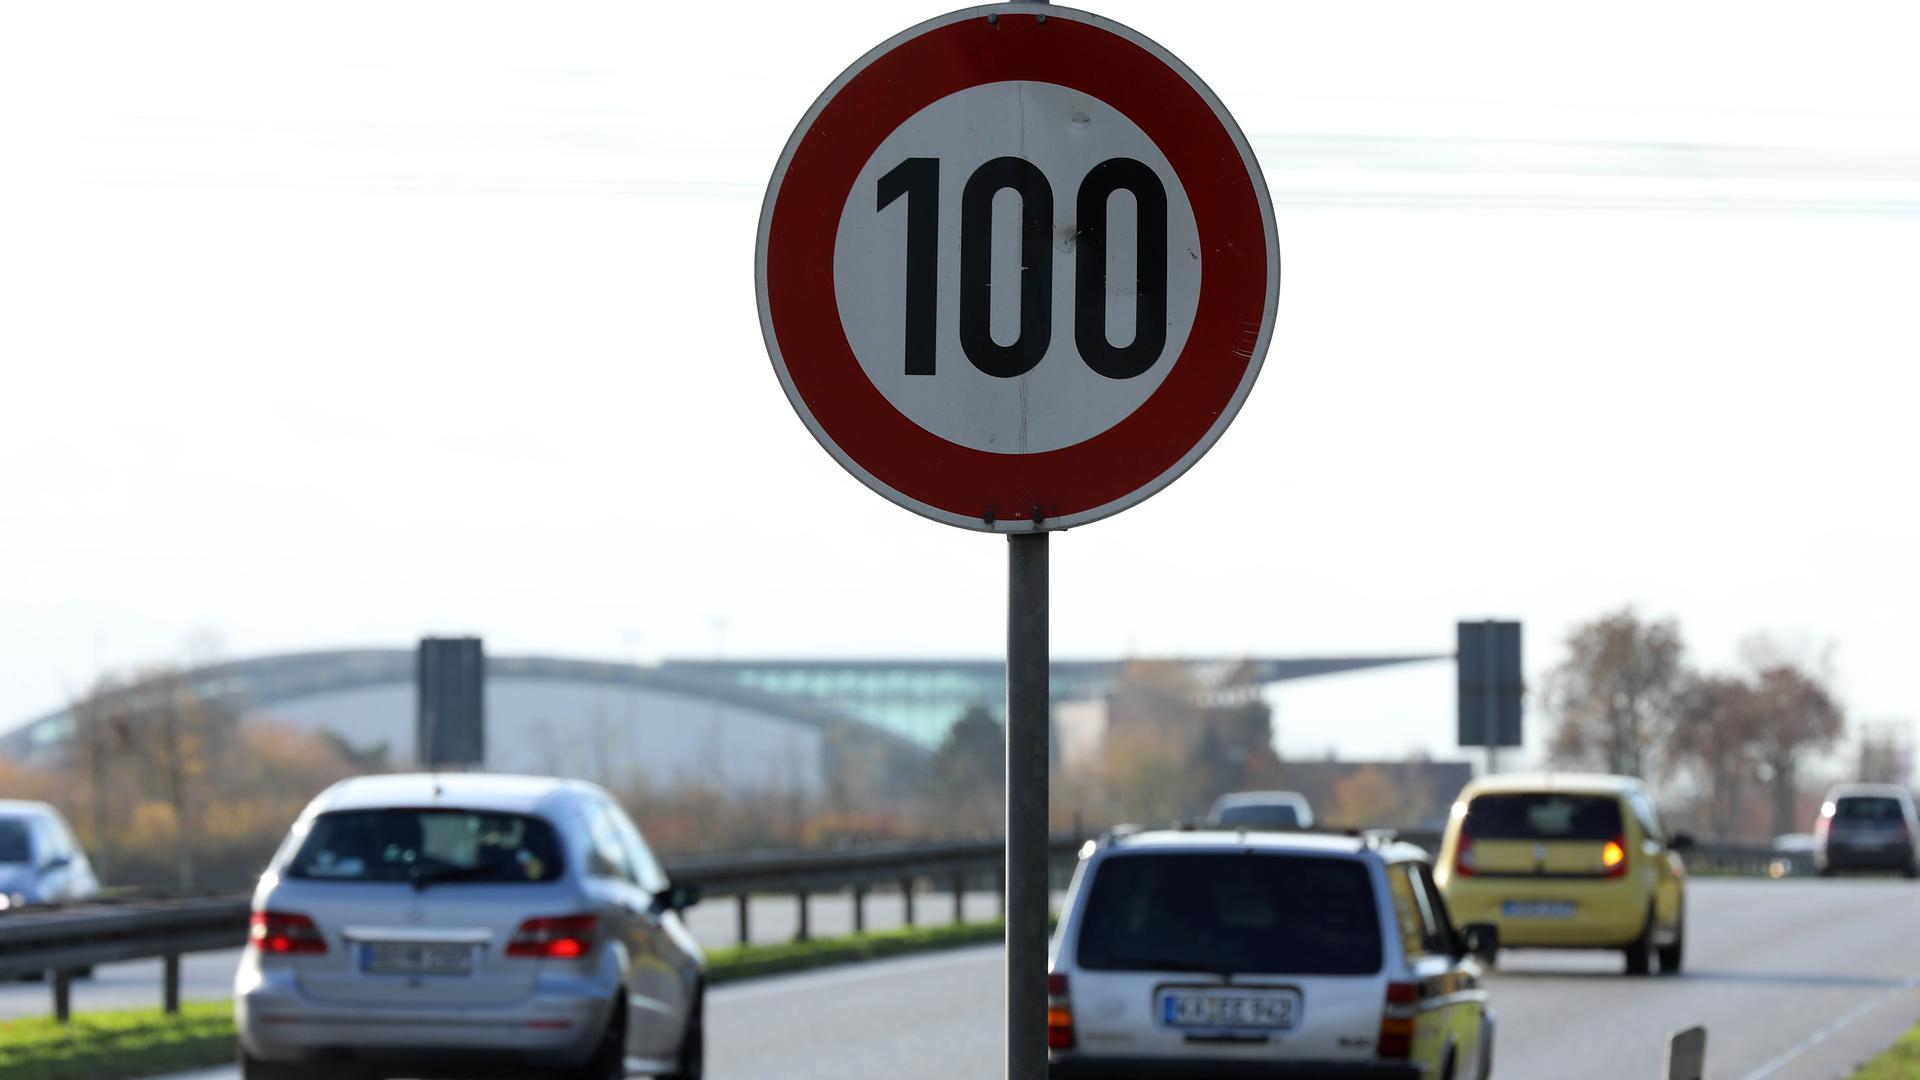 Zügige Fahrt: Auf der Bundesstraße 36 zwischen Stadtausgang und Neuer Messe gilt Tempo 100. Ist das angemessen oder zu viel?